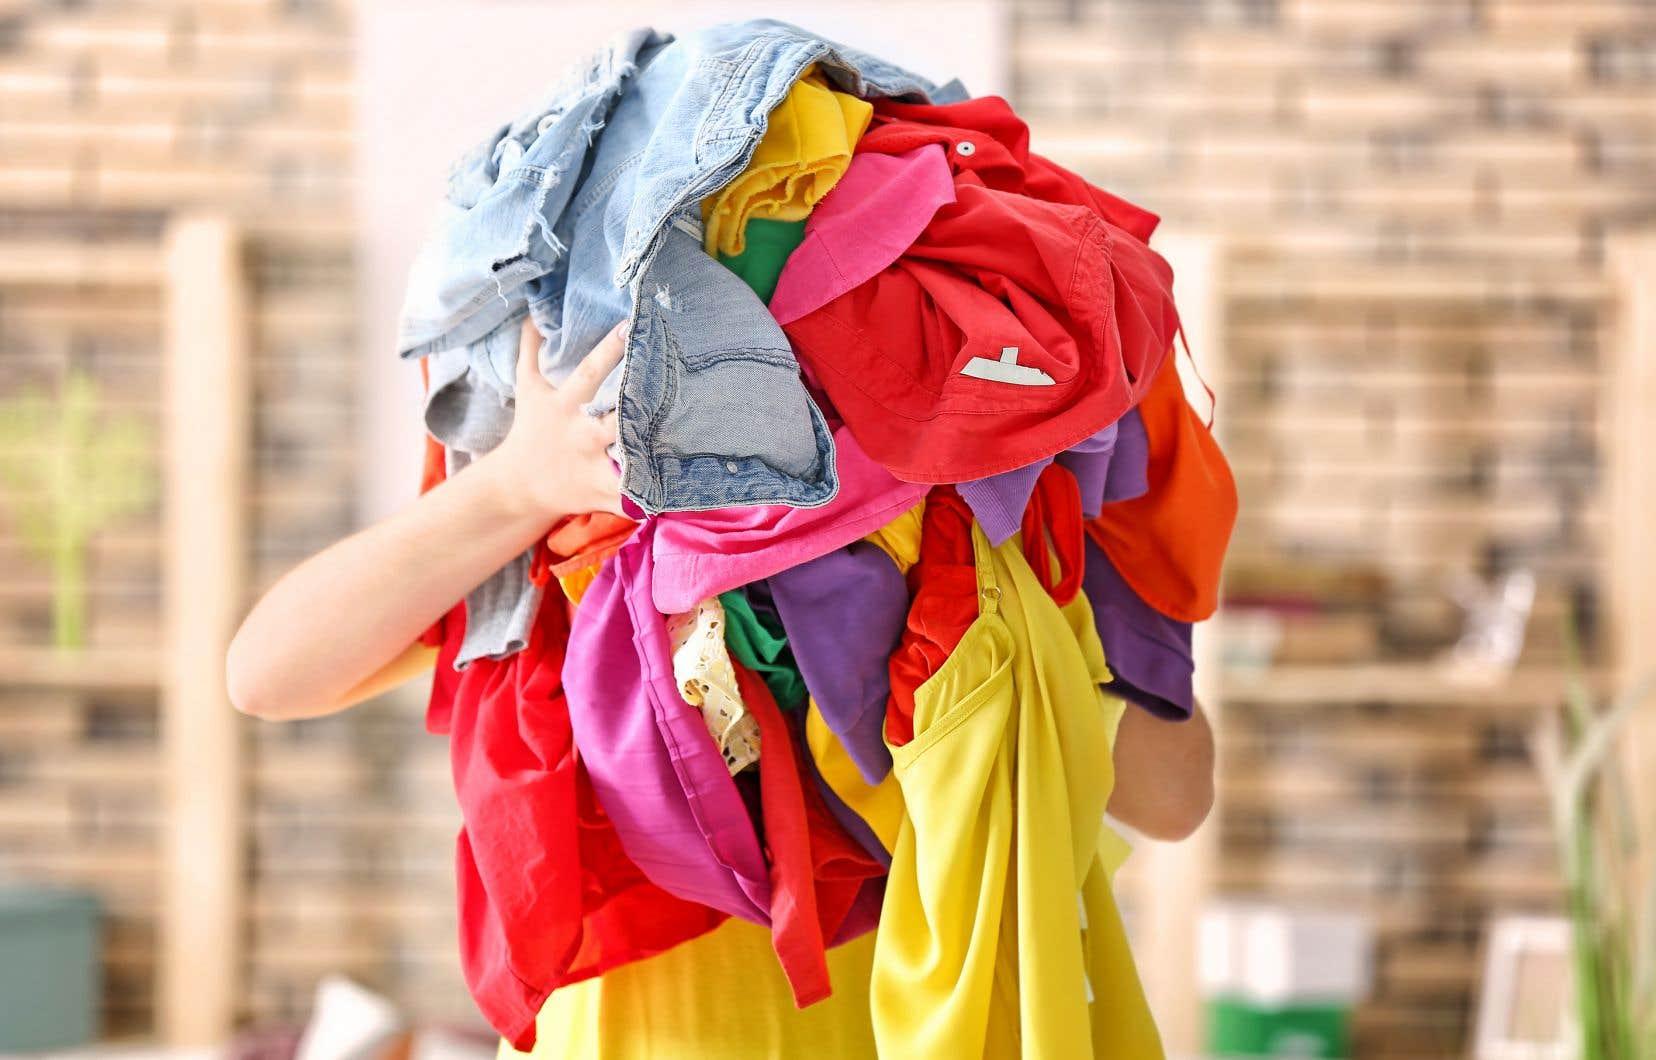 Le Canadien moyen envoie près de 37 kg de textiles au rebut chaque année.